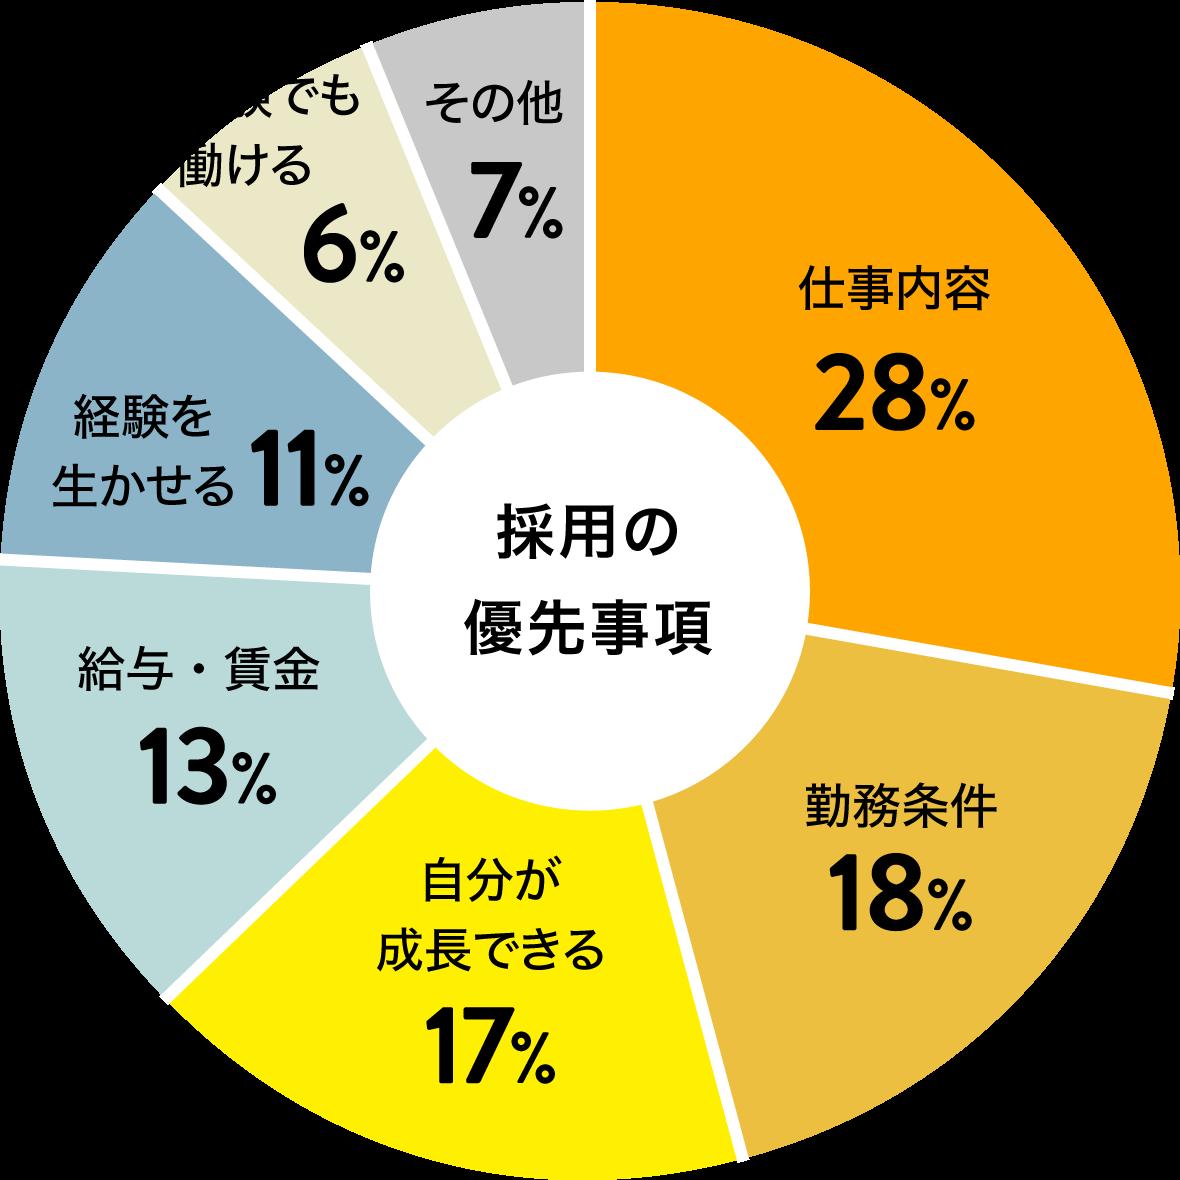 採用の優先事項のグラフ